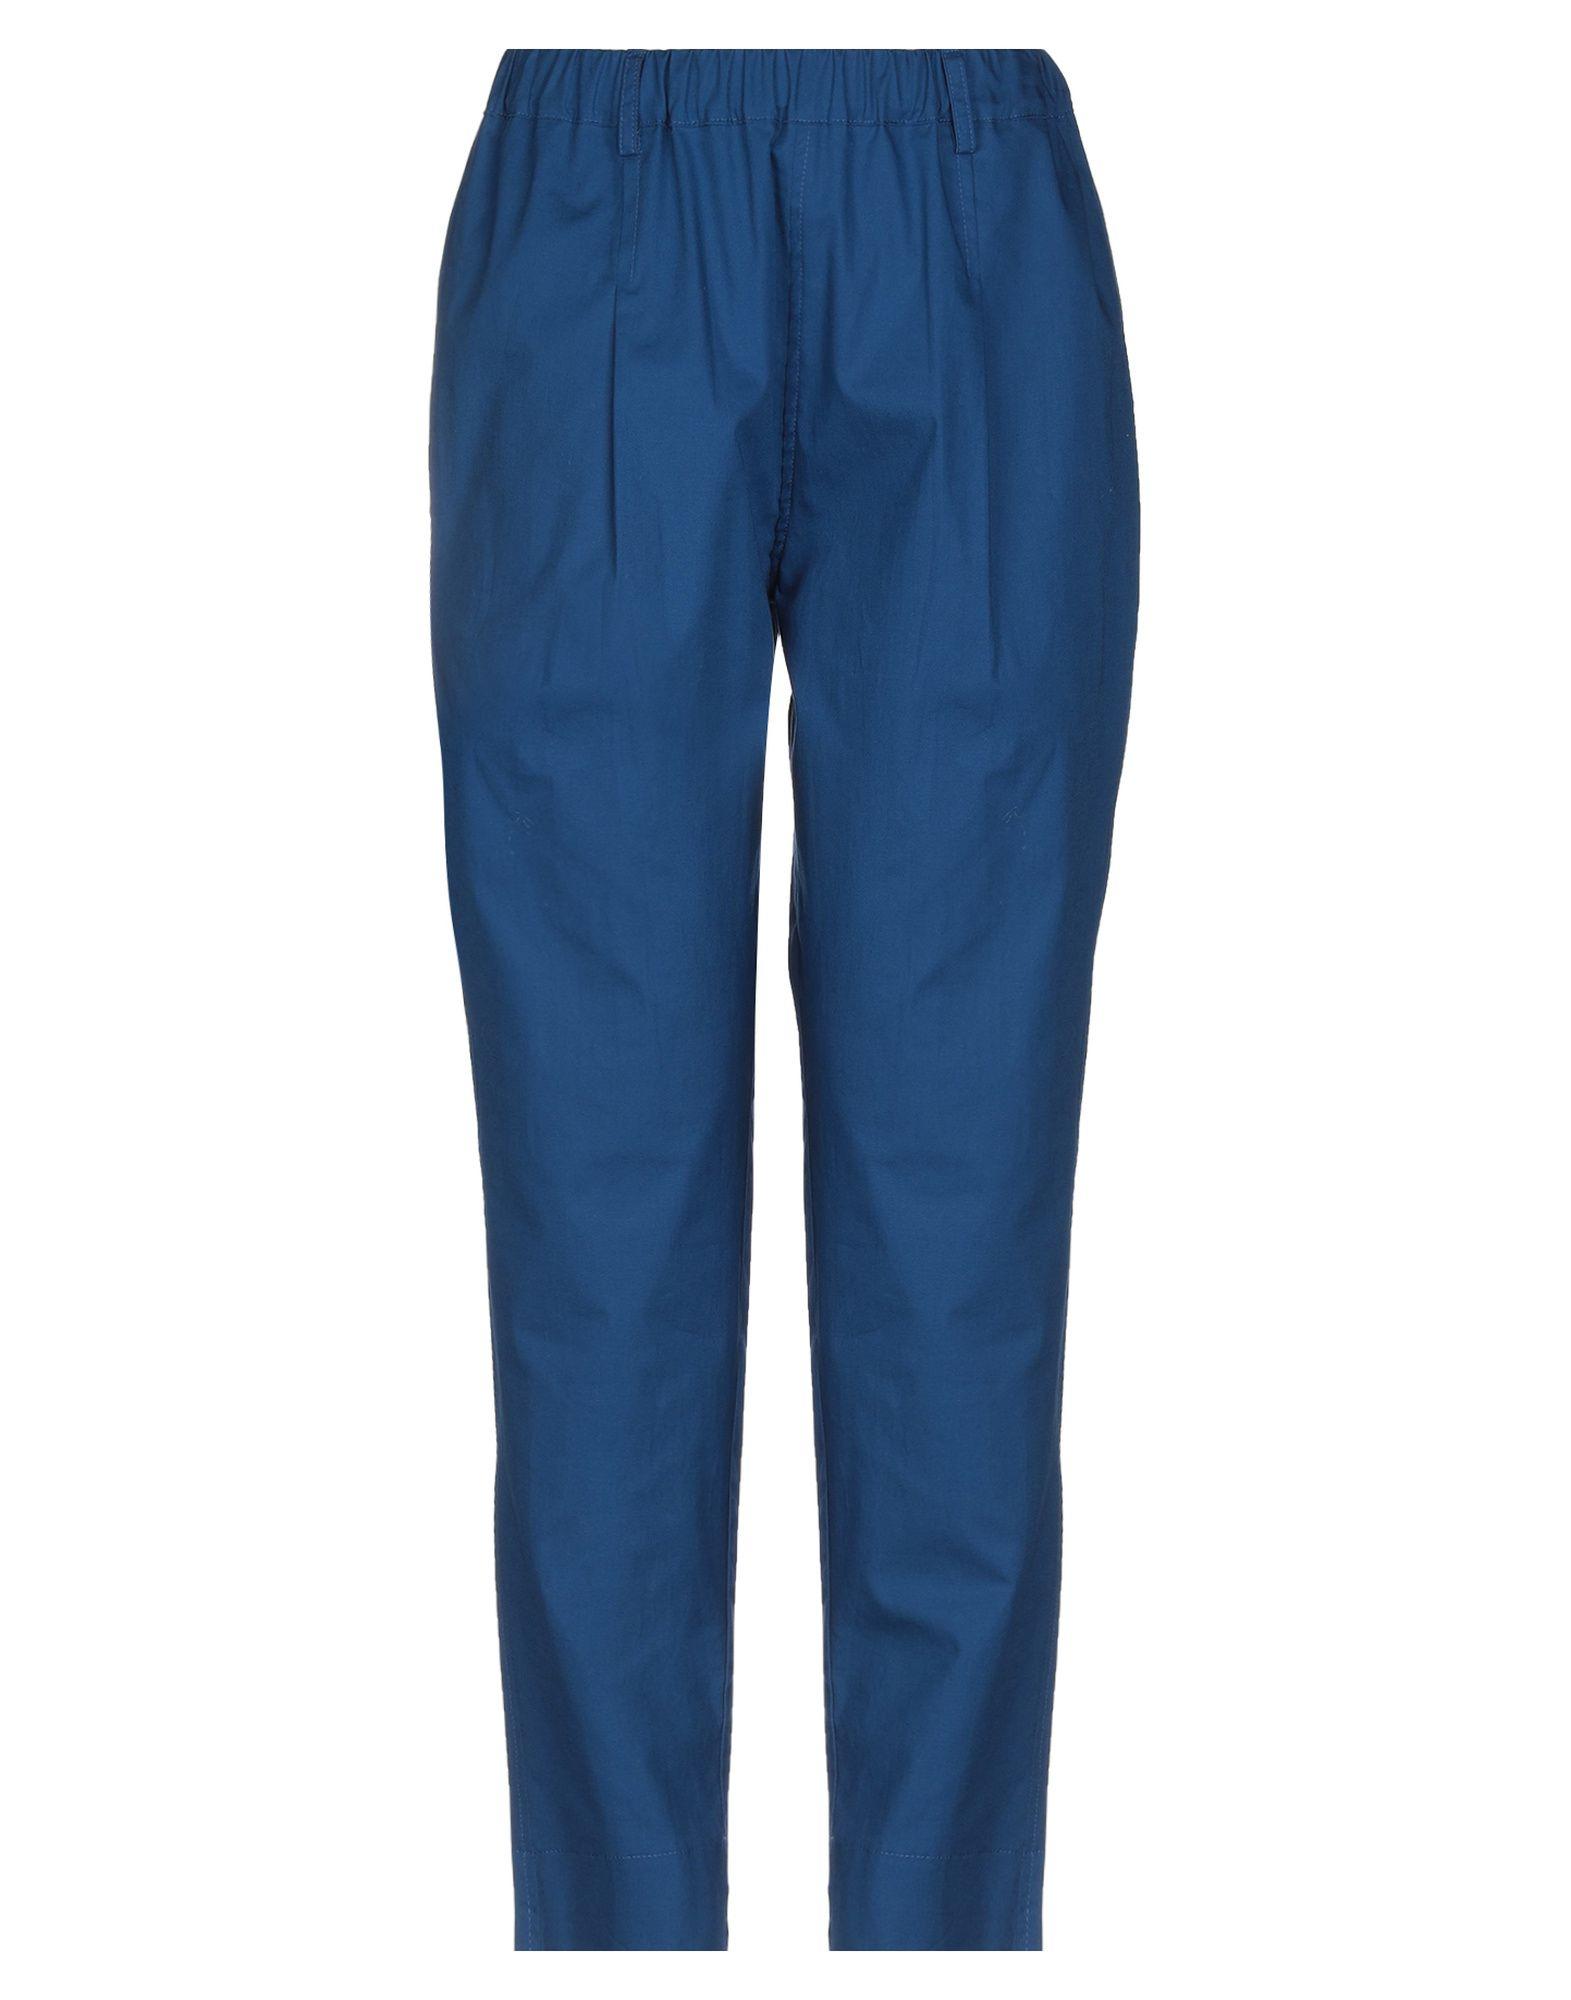 Pantalone Laboratorio damen - 13285890GQ